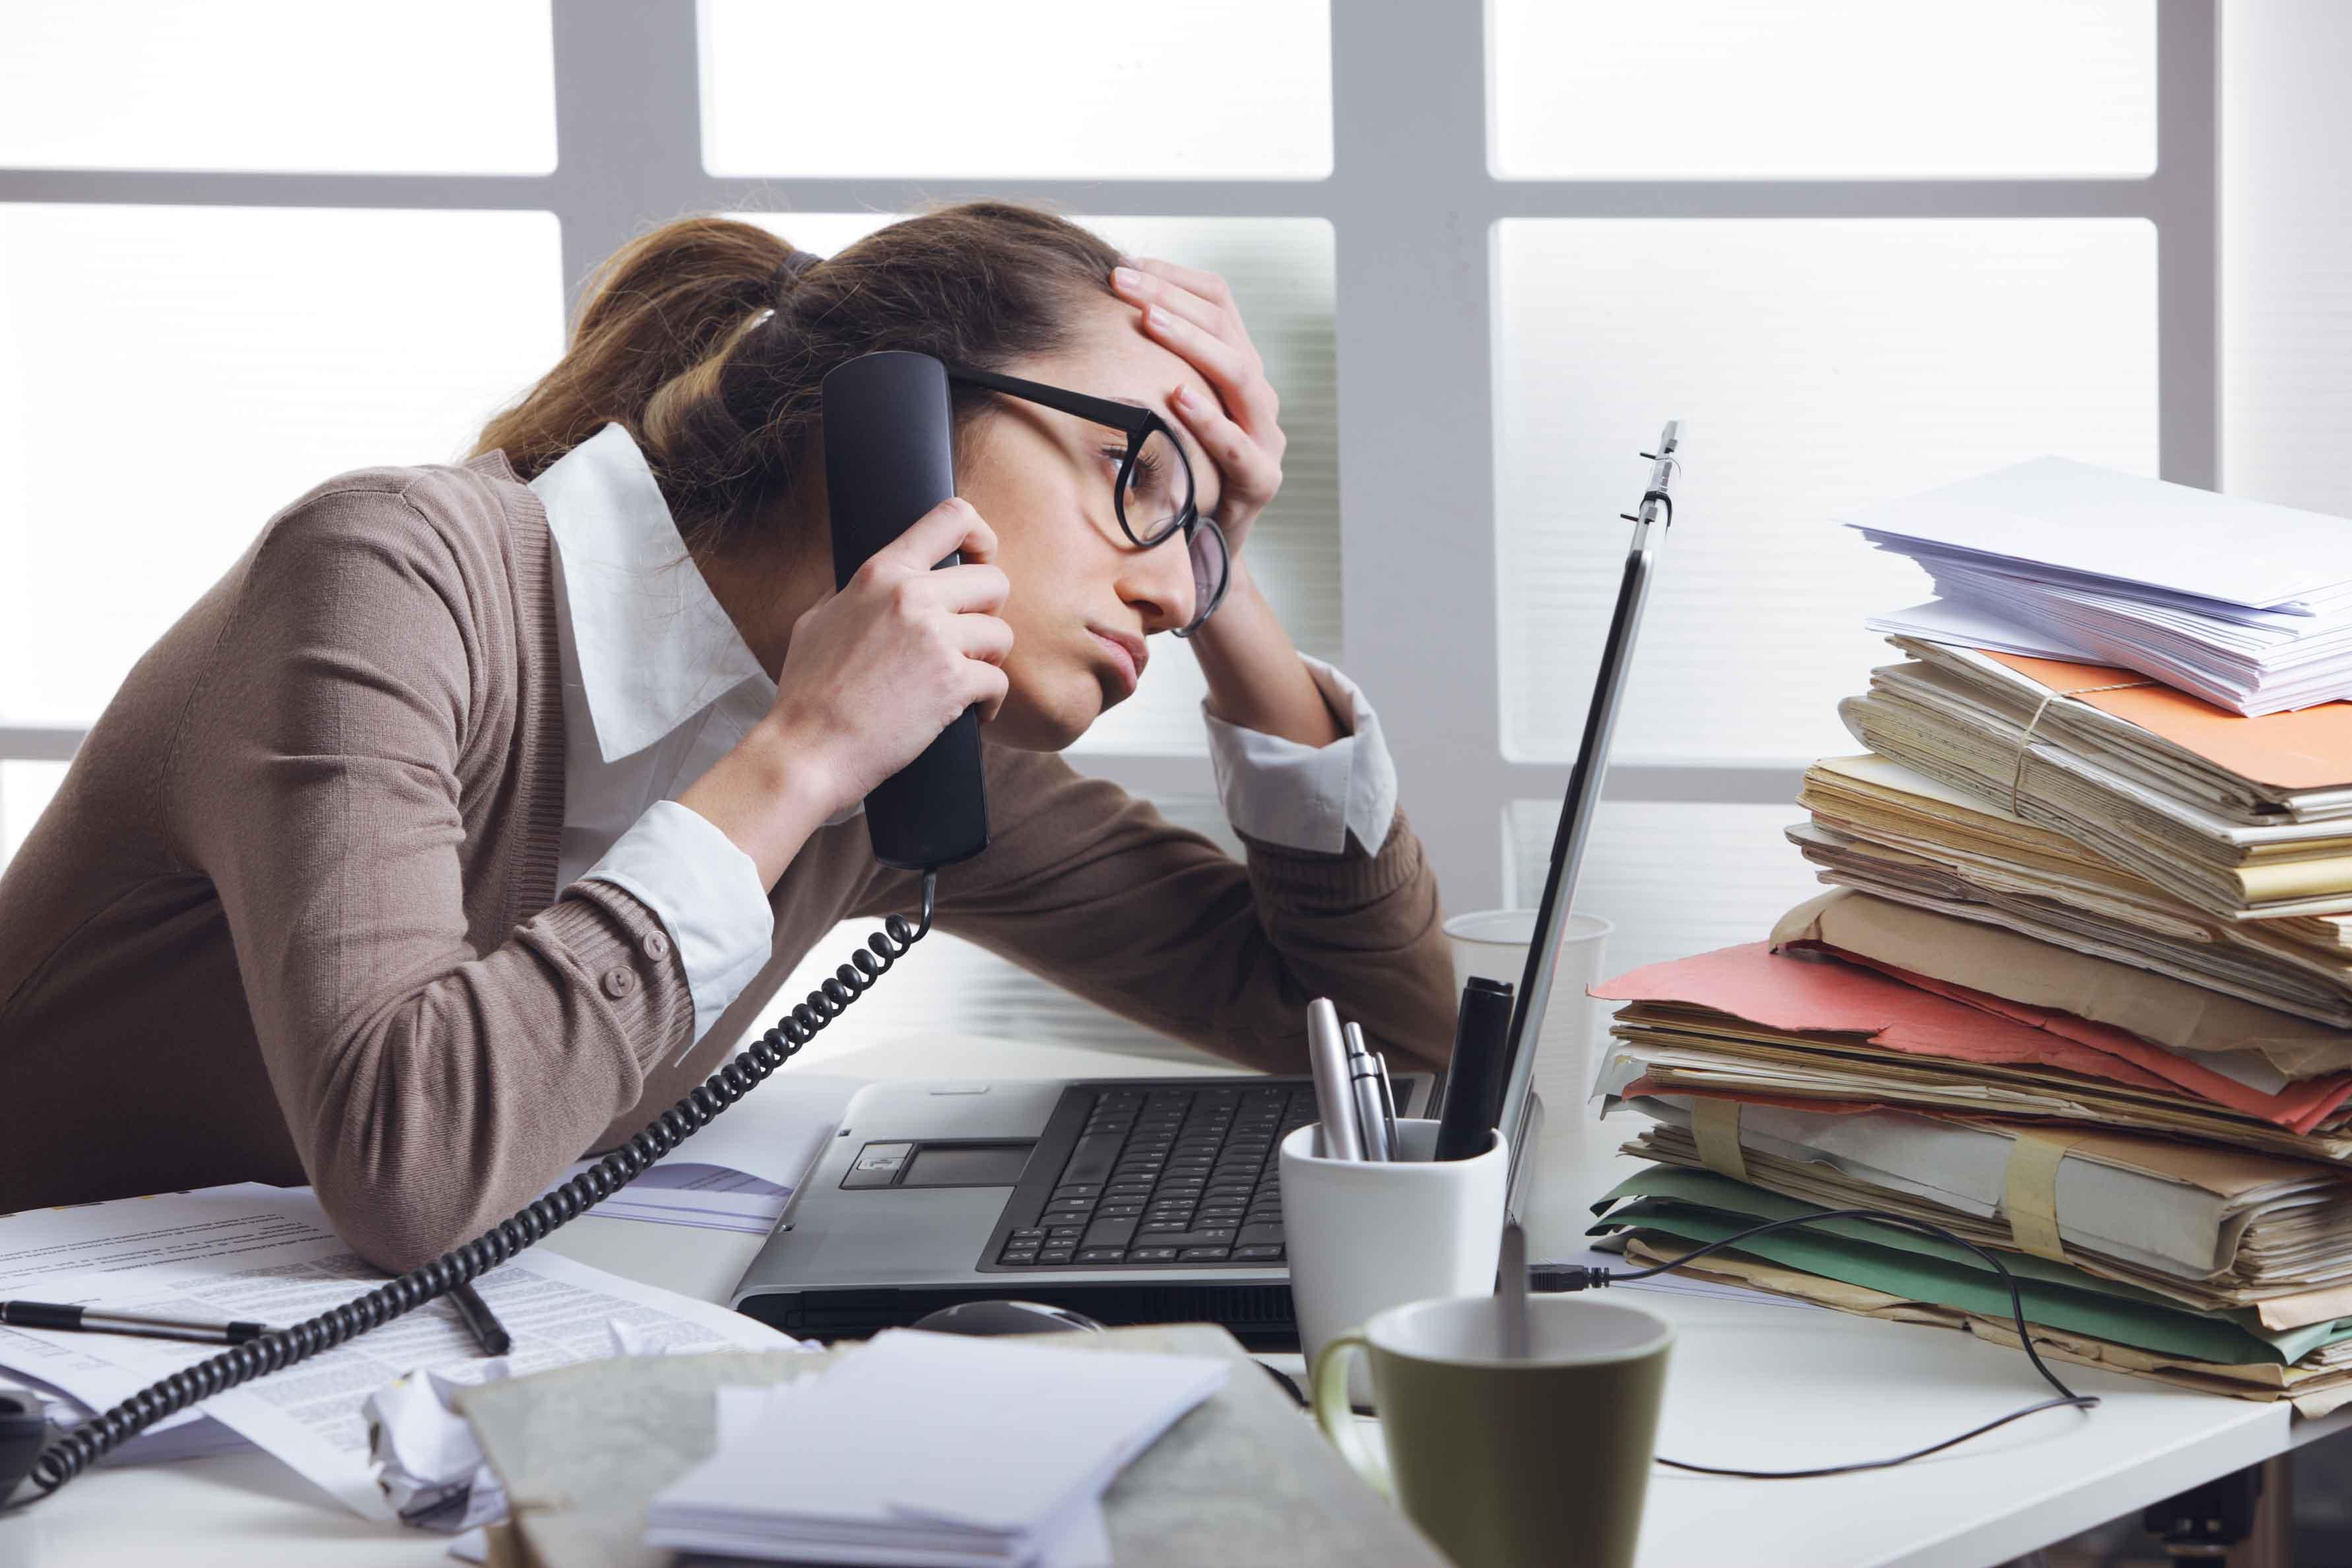 Bí quyết đối phó, chống lại stress trong cuộc sống hiện đại